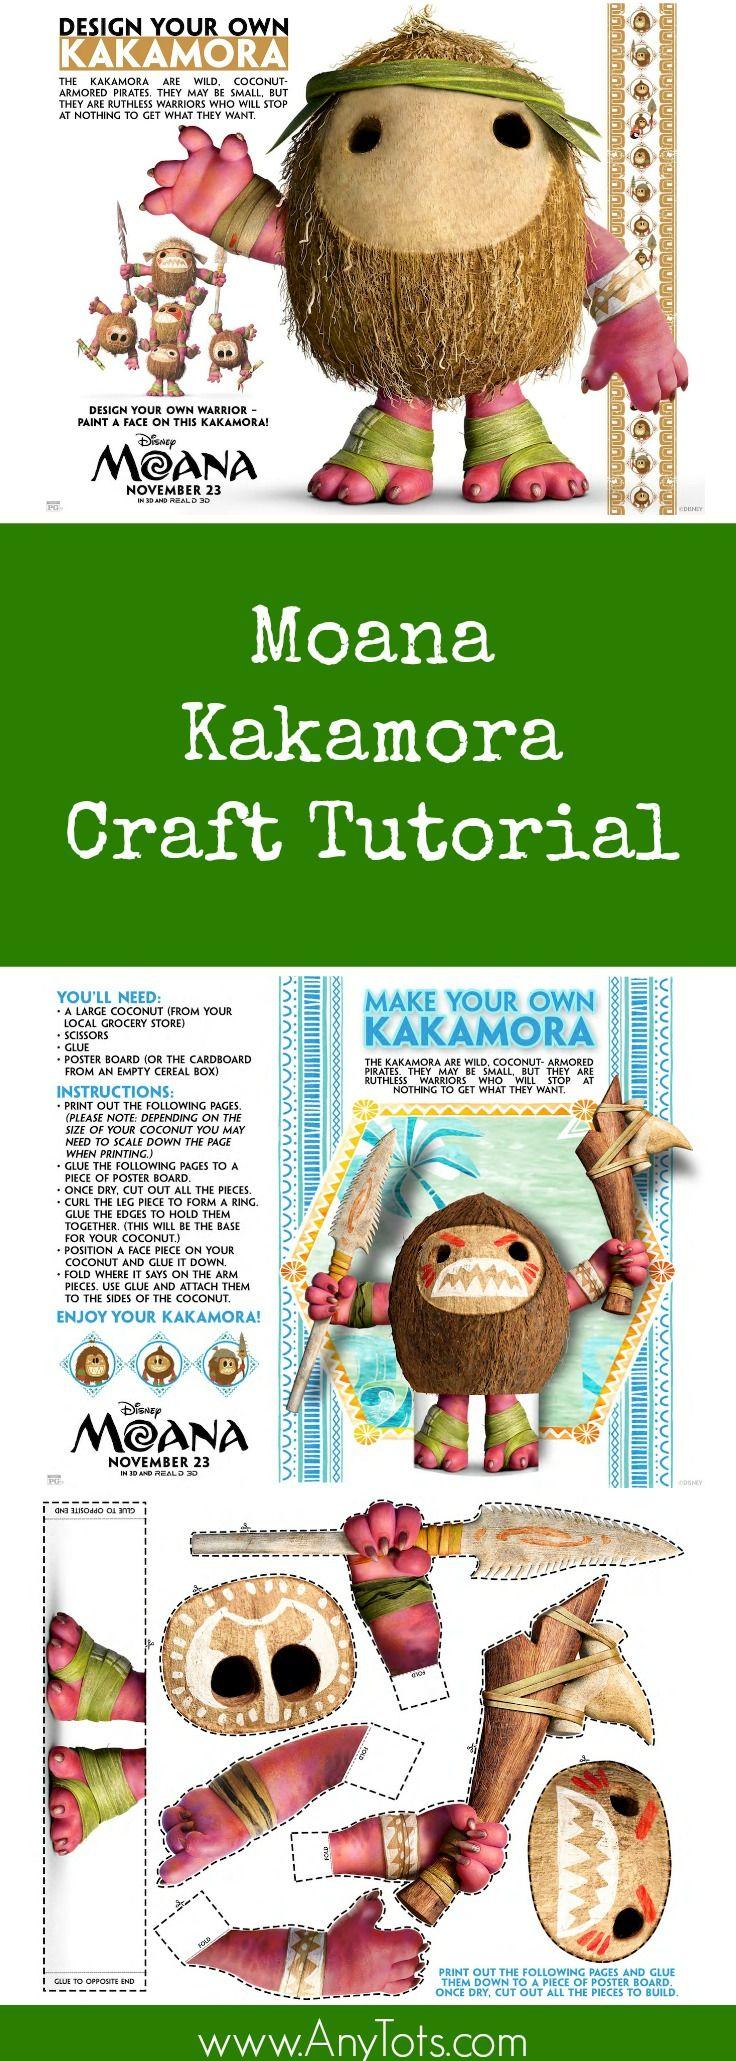 Moana craft kakamora craft tutorial great moana party decor as well